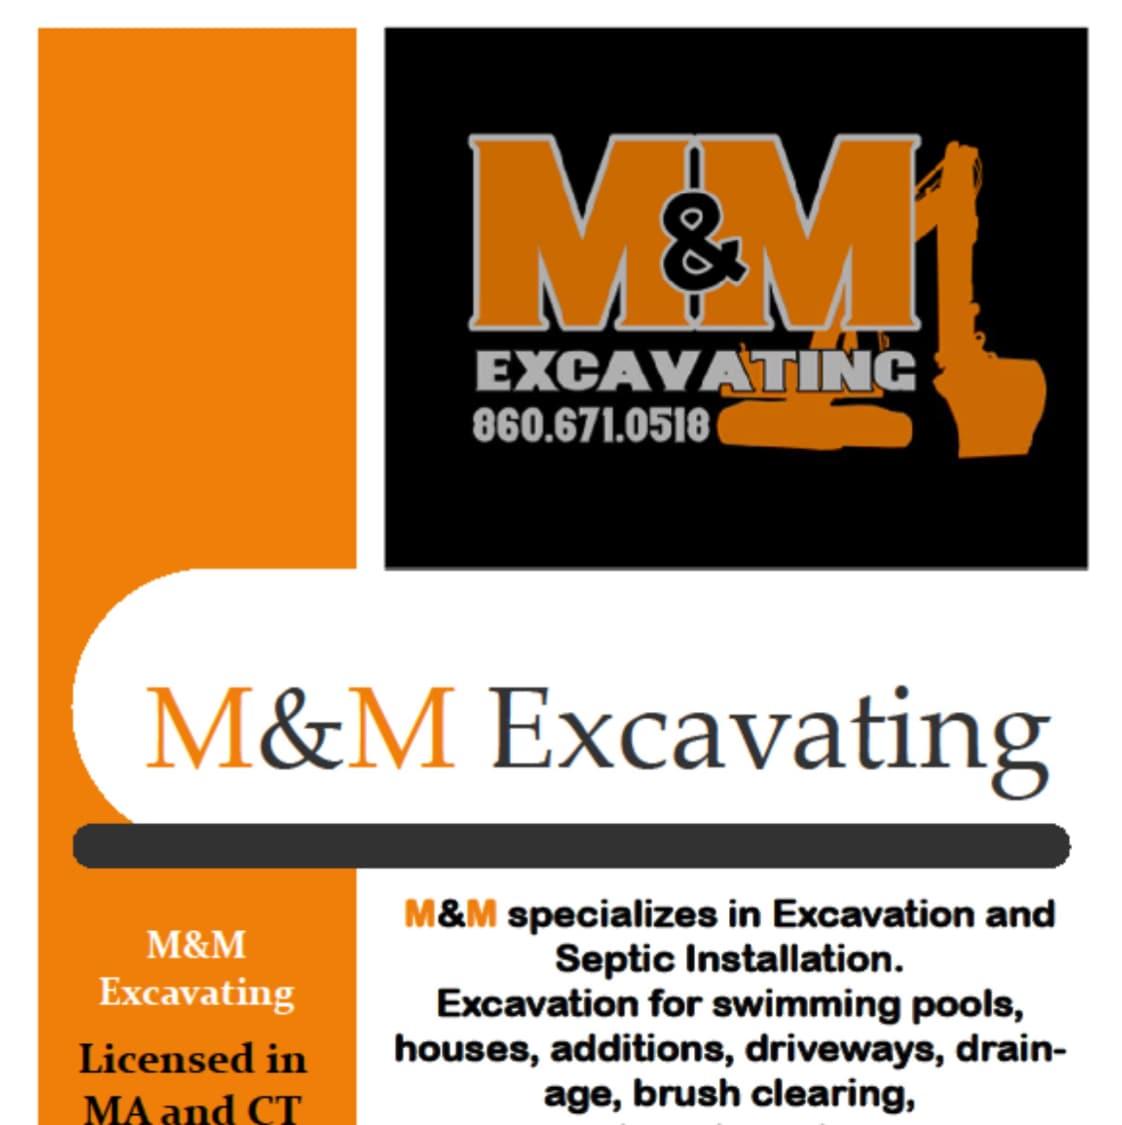 M&M Excavating